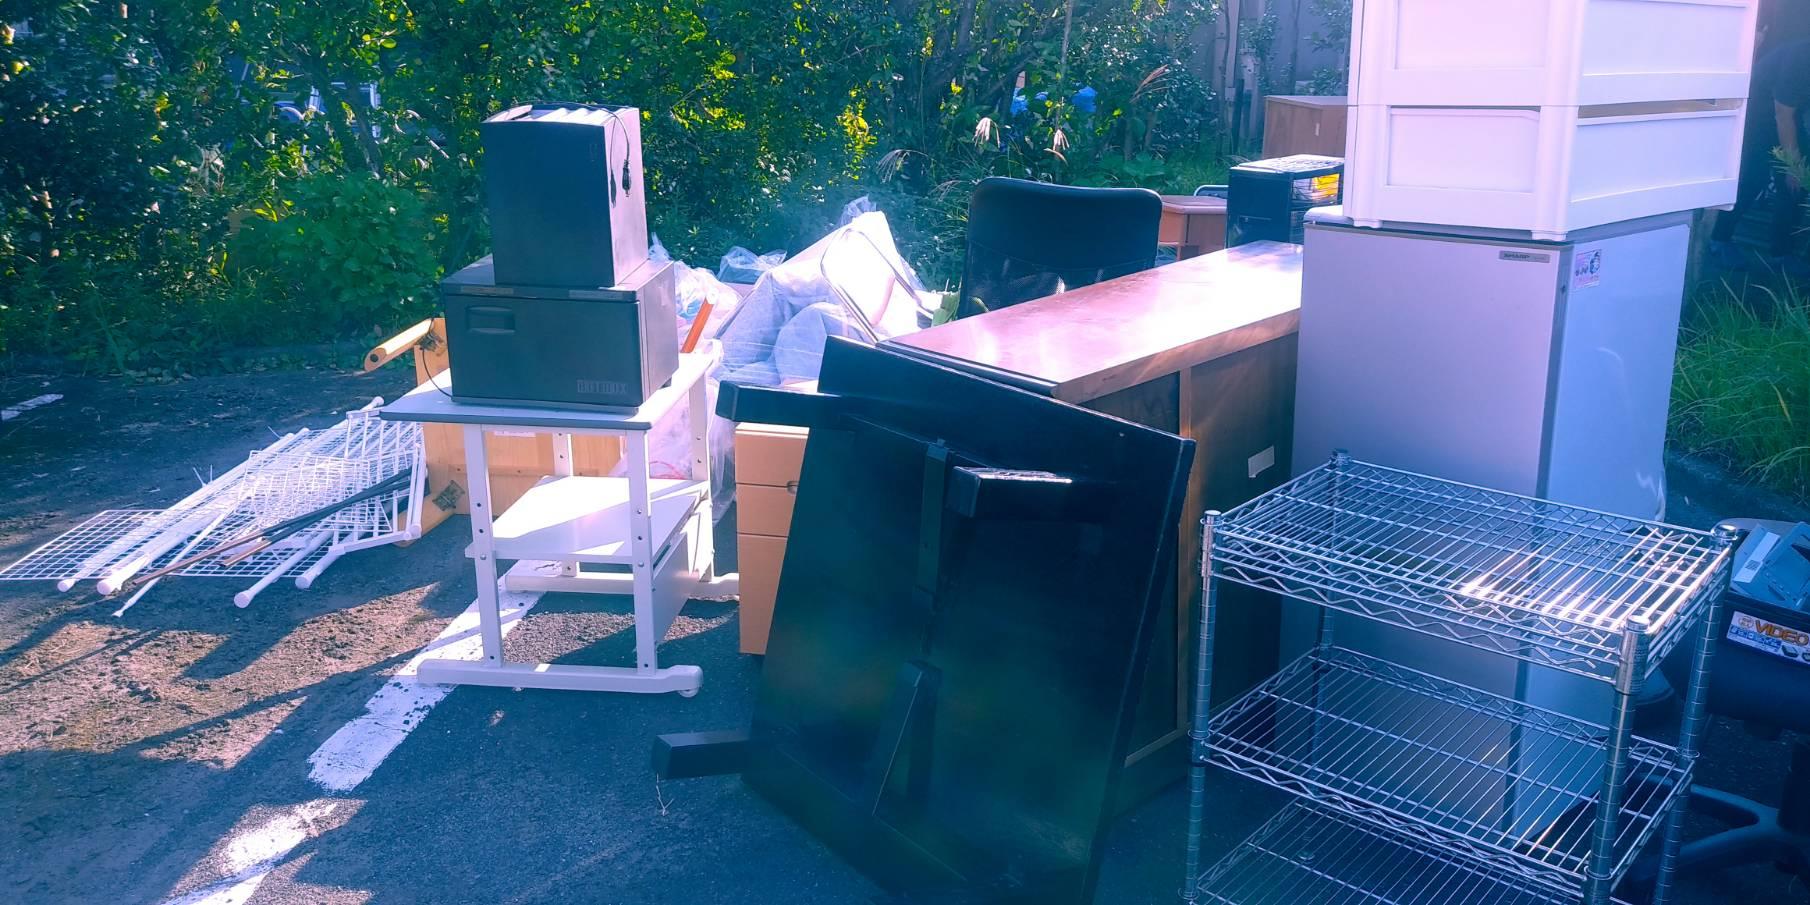 冷蔵庫、スチールワゴン、テーブル、椅子の回収前